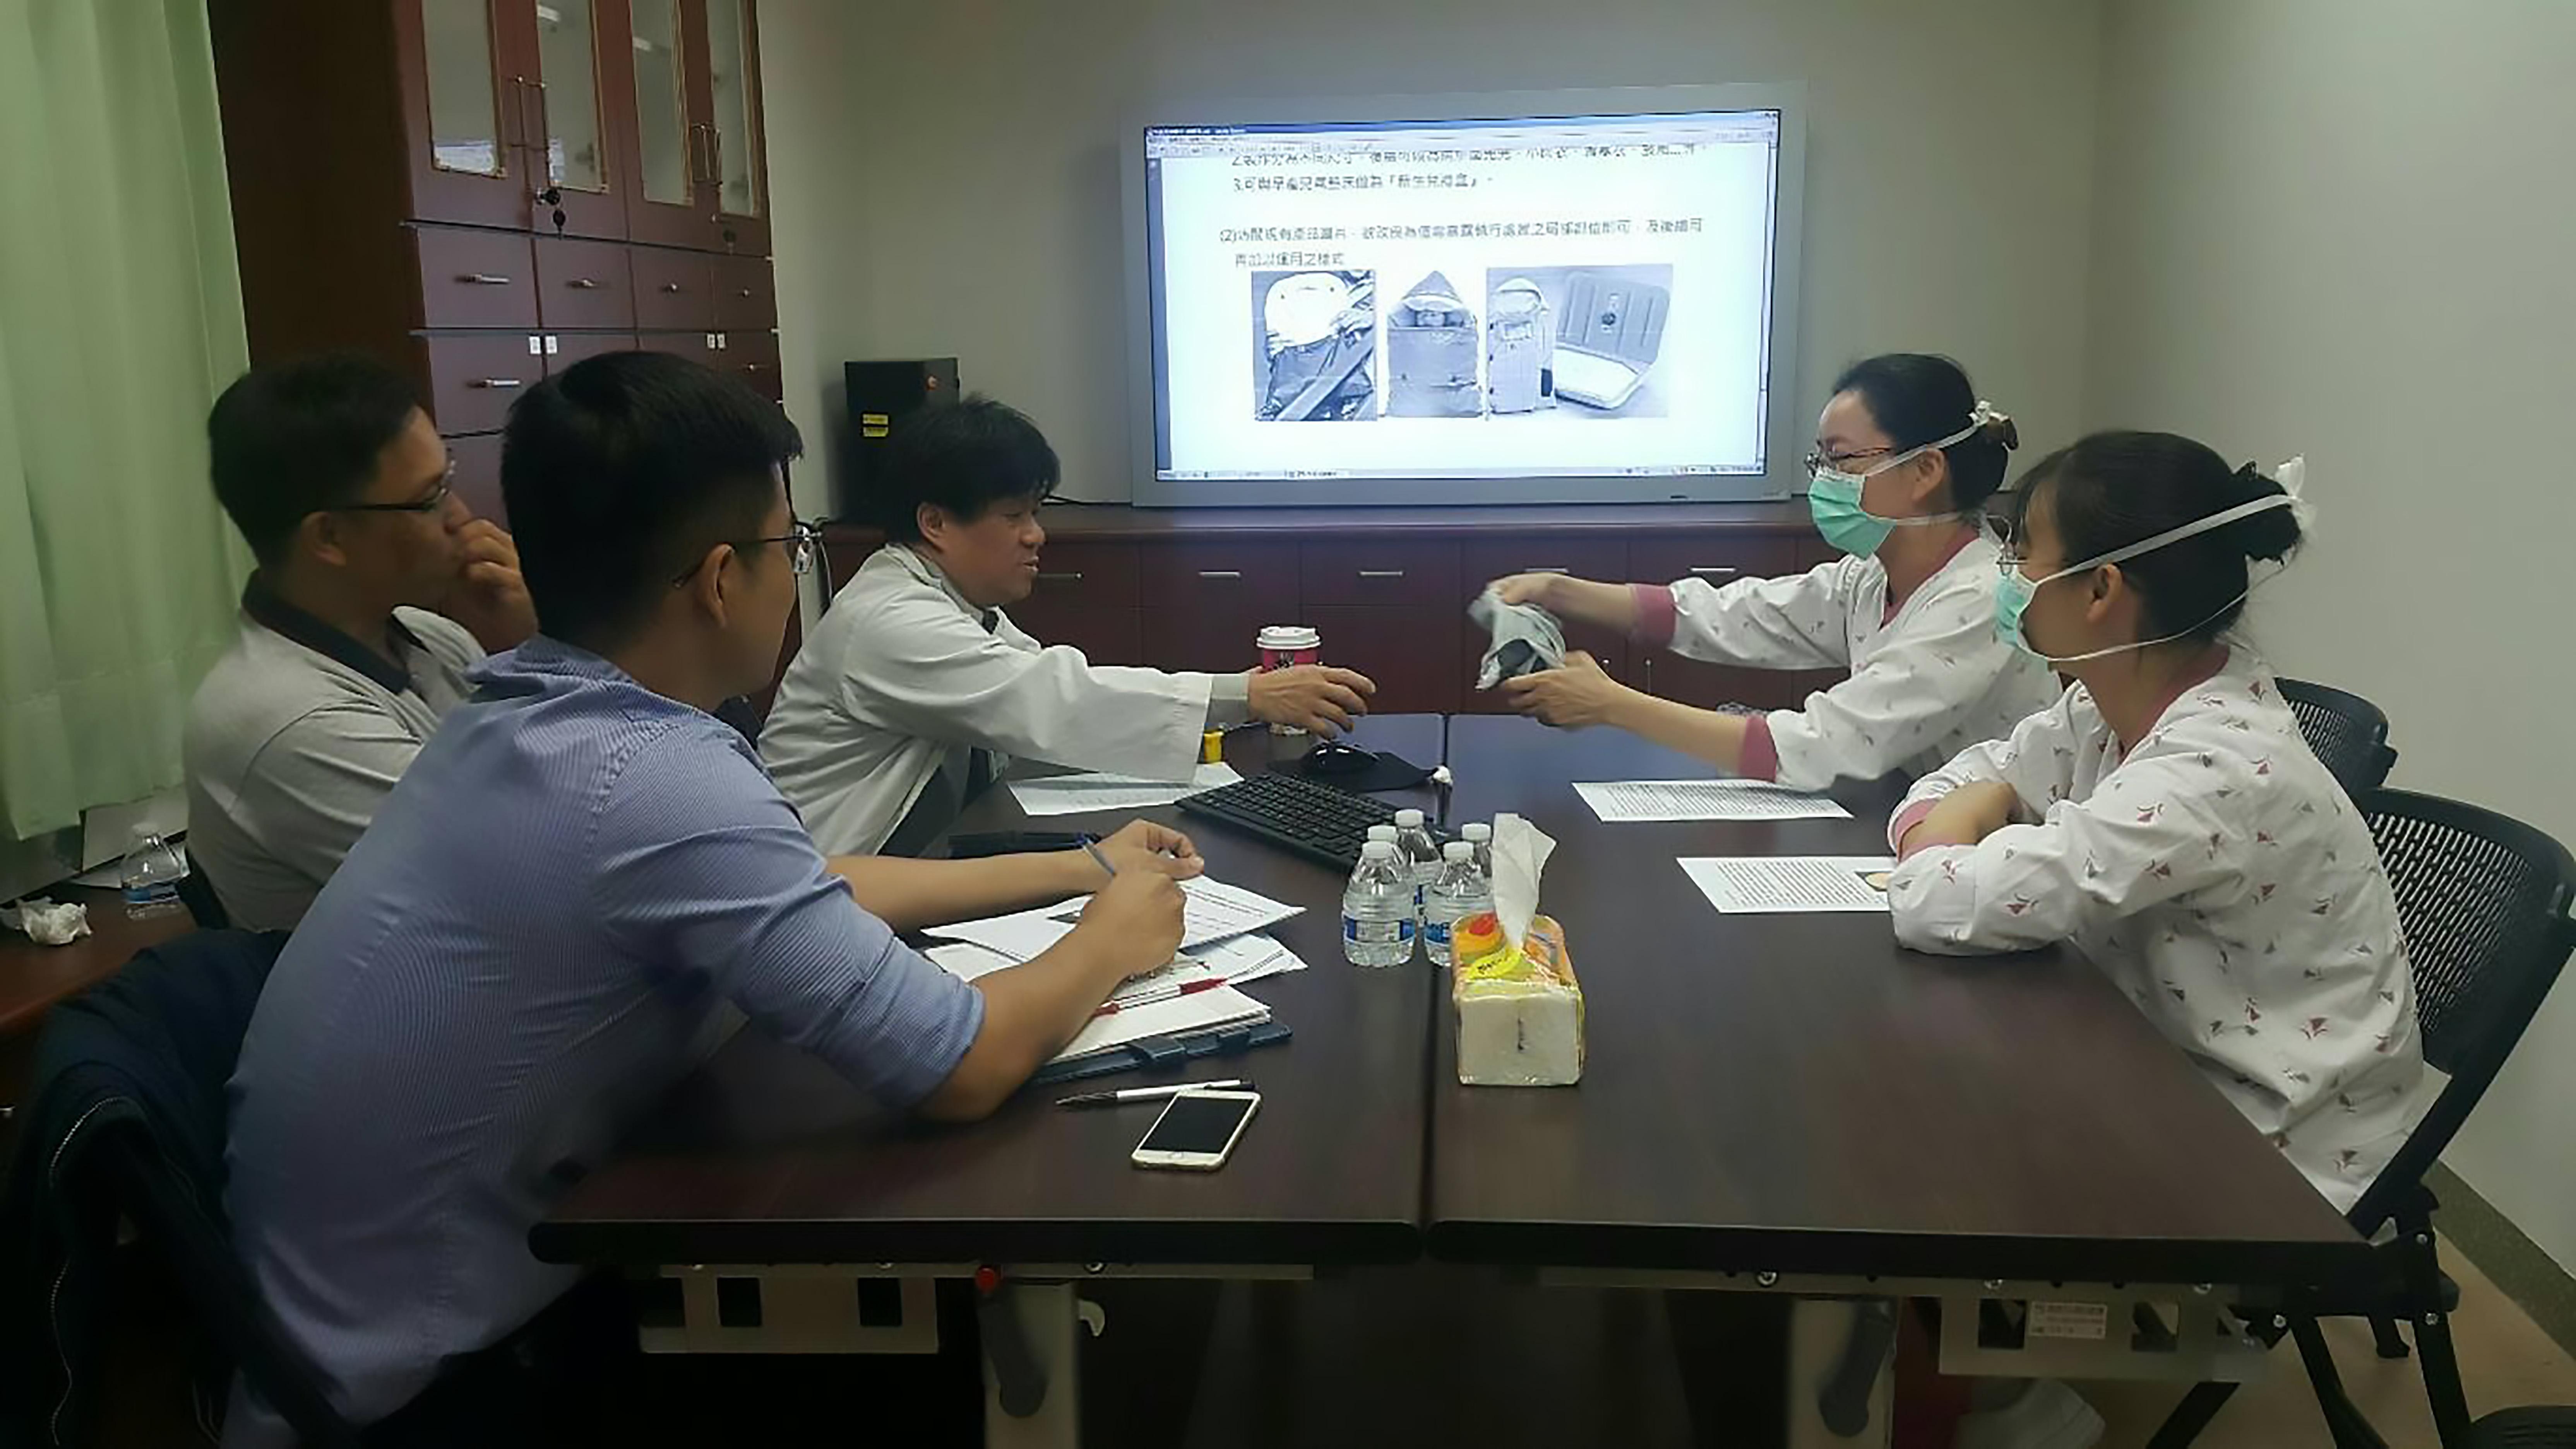 研發過程進行團隊討論會議